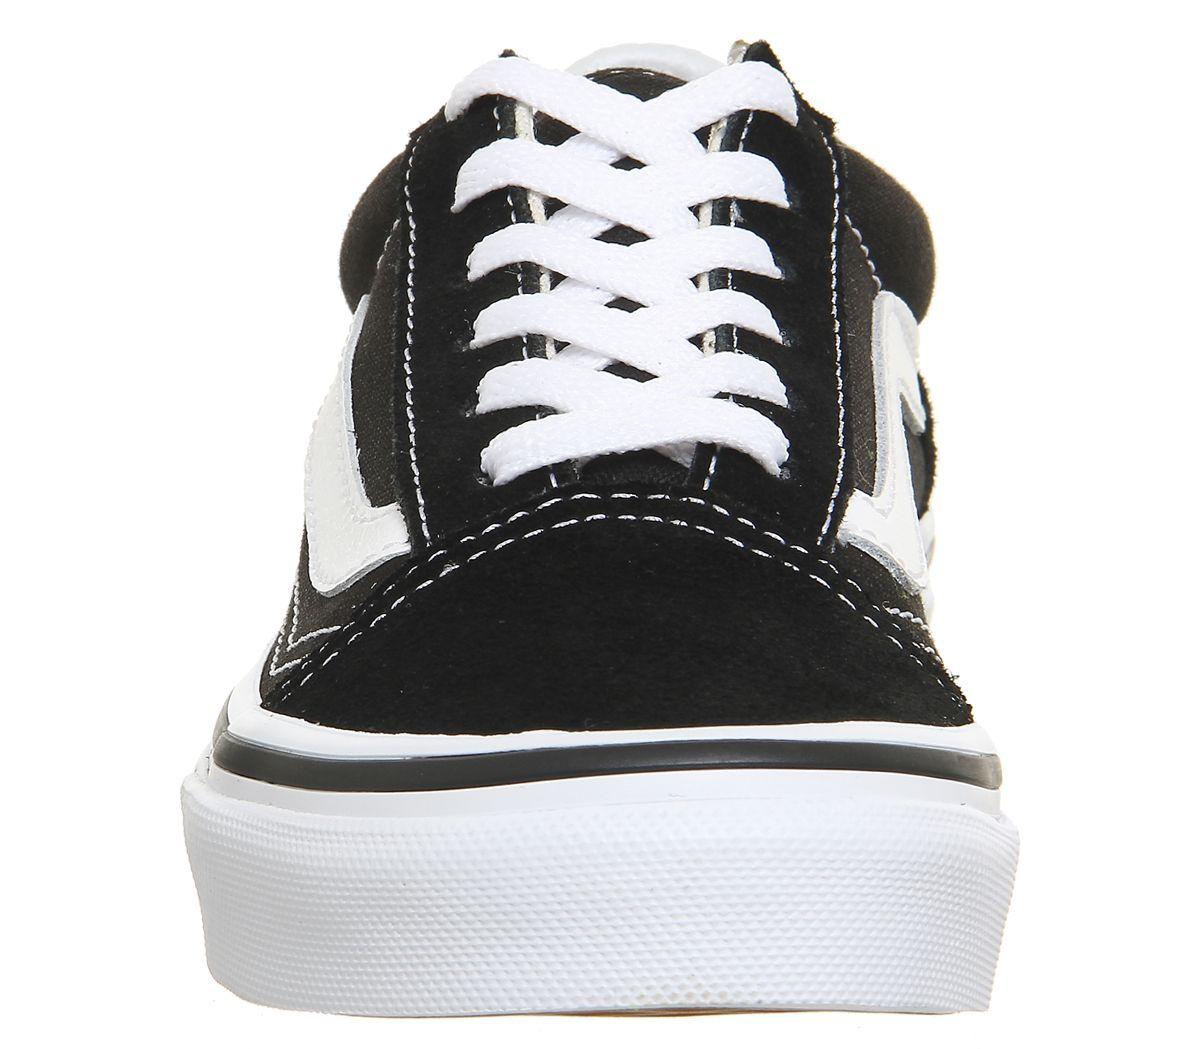 ada1639754bc6 Vans Old Skool Lace K Black True White - Unisex